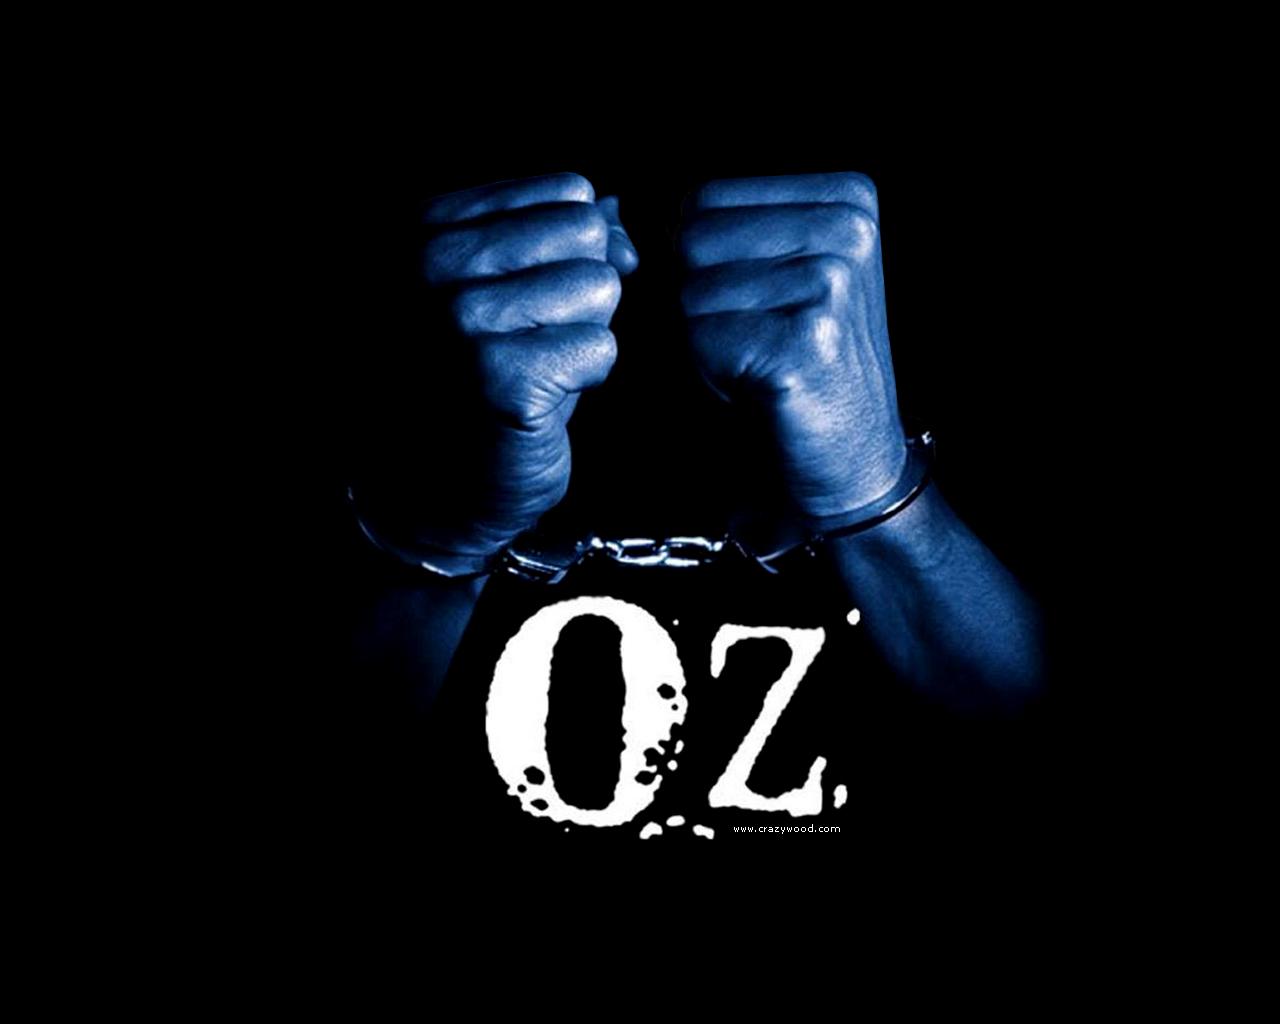 http://3.bp.blogspot.com/_jpItqY-4-E8/TFQTIdRvrcI/AAAAAAAAAsg/tEJDehGz2Hc/s1600/Wallpaper___OZ_by_tv_series.jpg